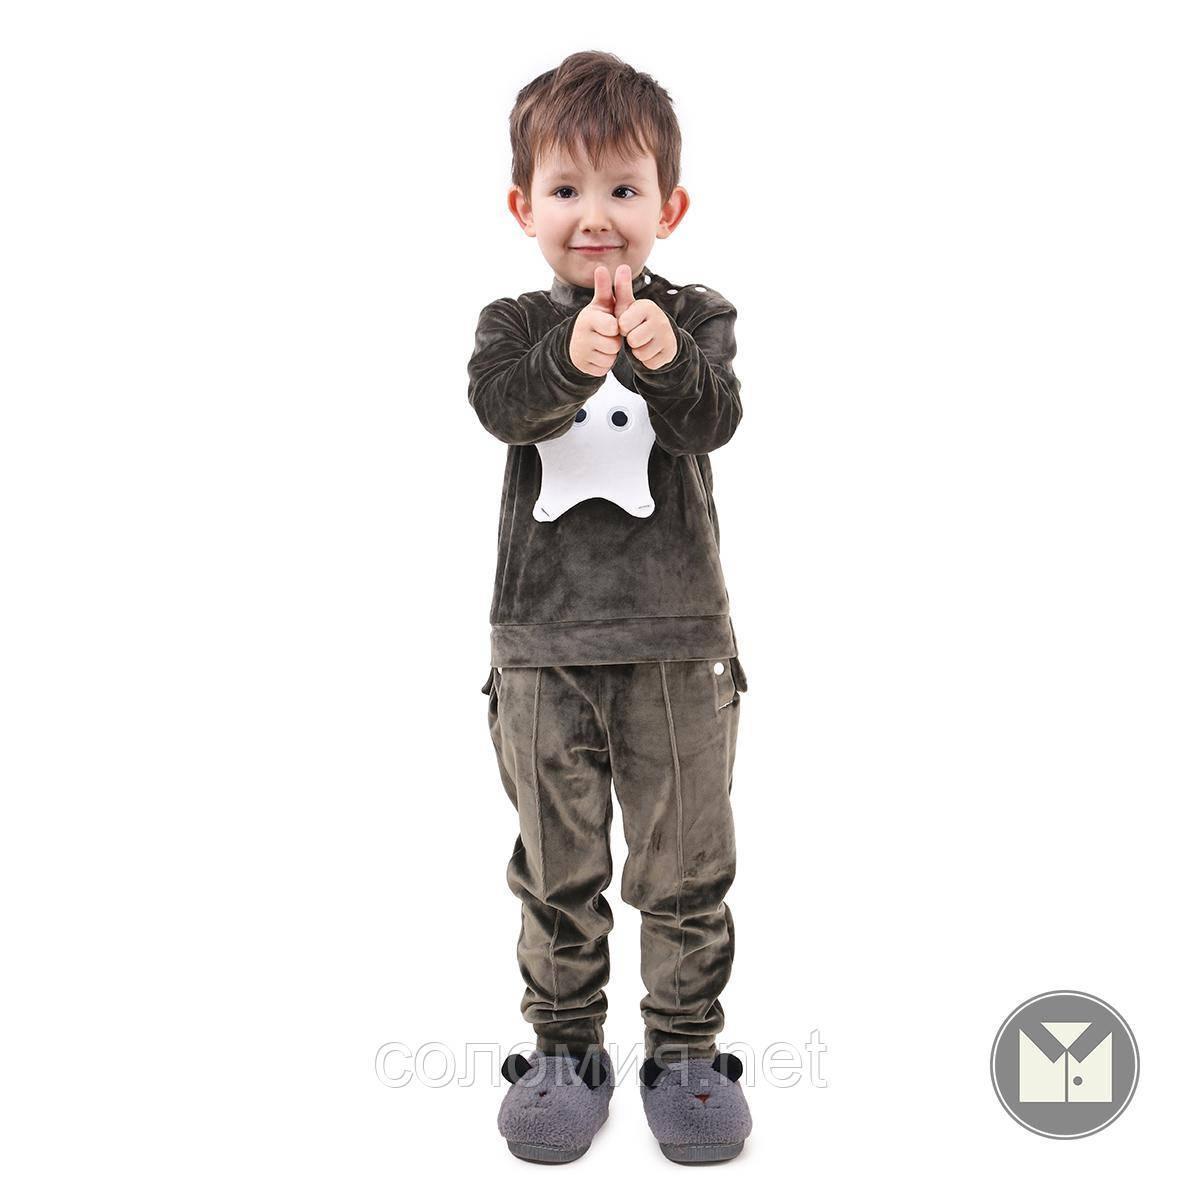 Чудесный велюровый спортивный костюм  для мальчика 86-128р